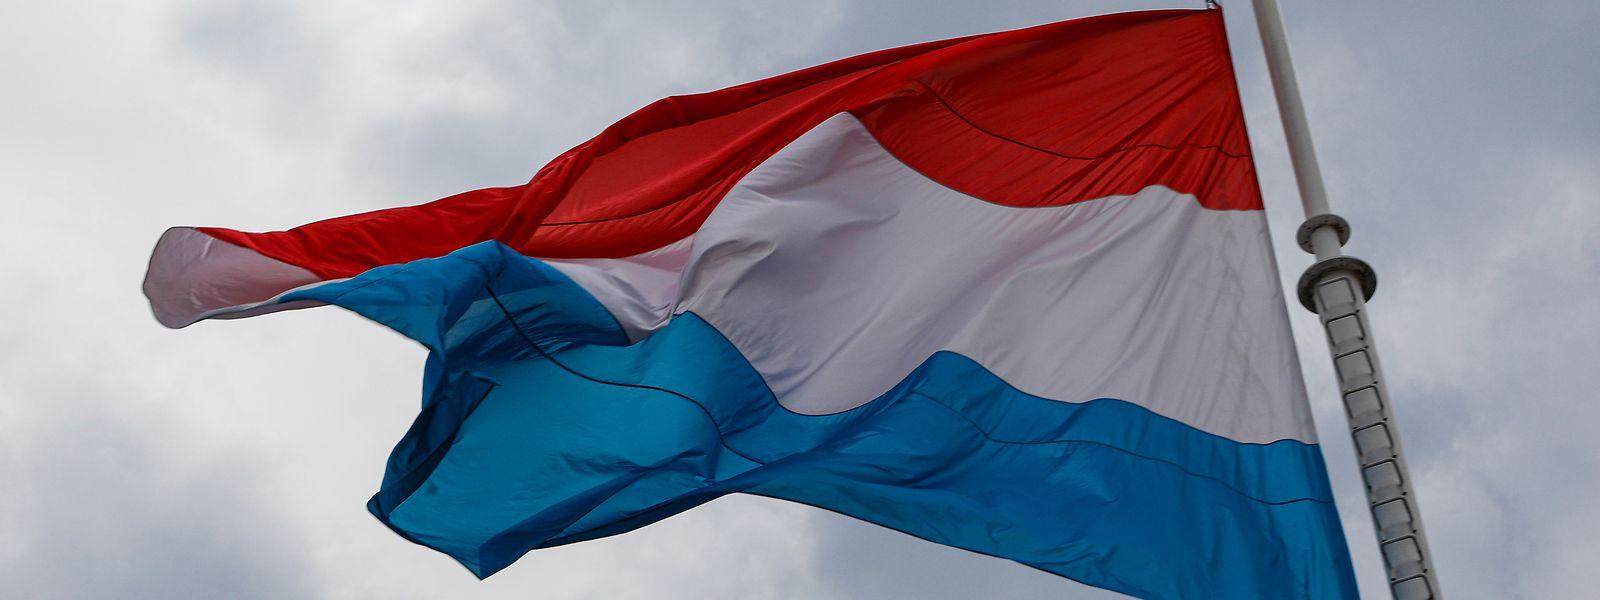 Laut Regierungsangaben leben in Luxemburg derzeit 170 verschiedene Nationalitäten. Wie diese bestmöglich zusammenleben sollen, wurde gestern in der Chamber diskutiert.